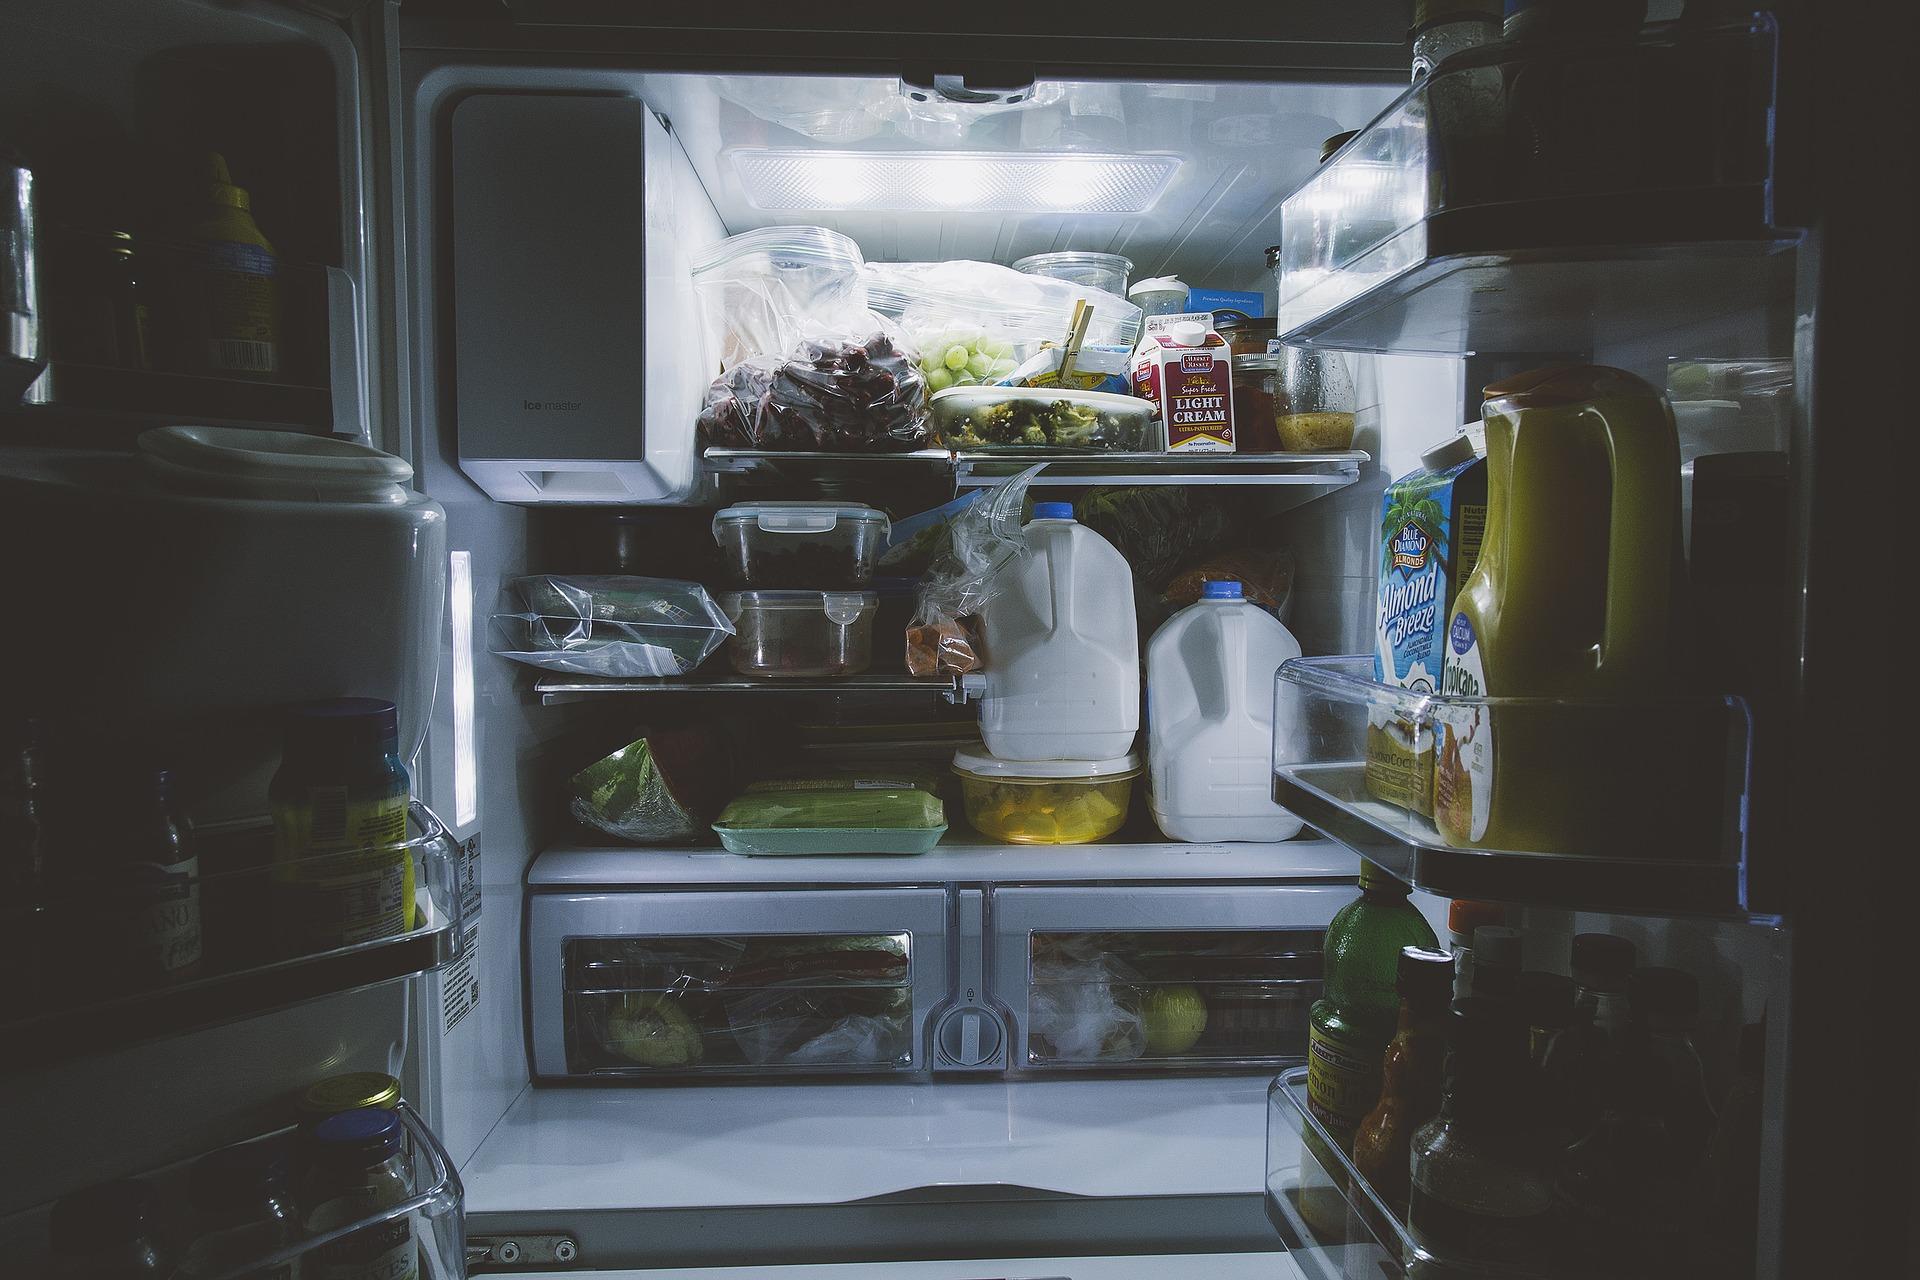 Kühlschrank Erfrischer : Ihr kühlschrank hat einen hohen stromverbrauch nicht mit unseren